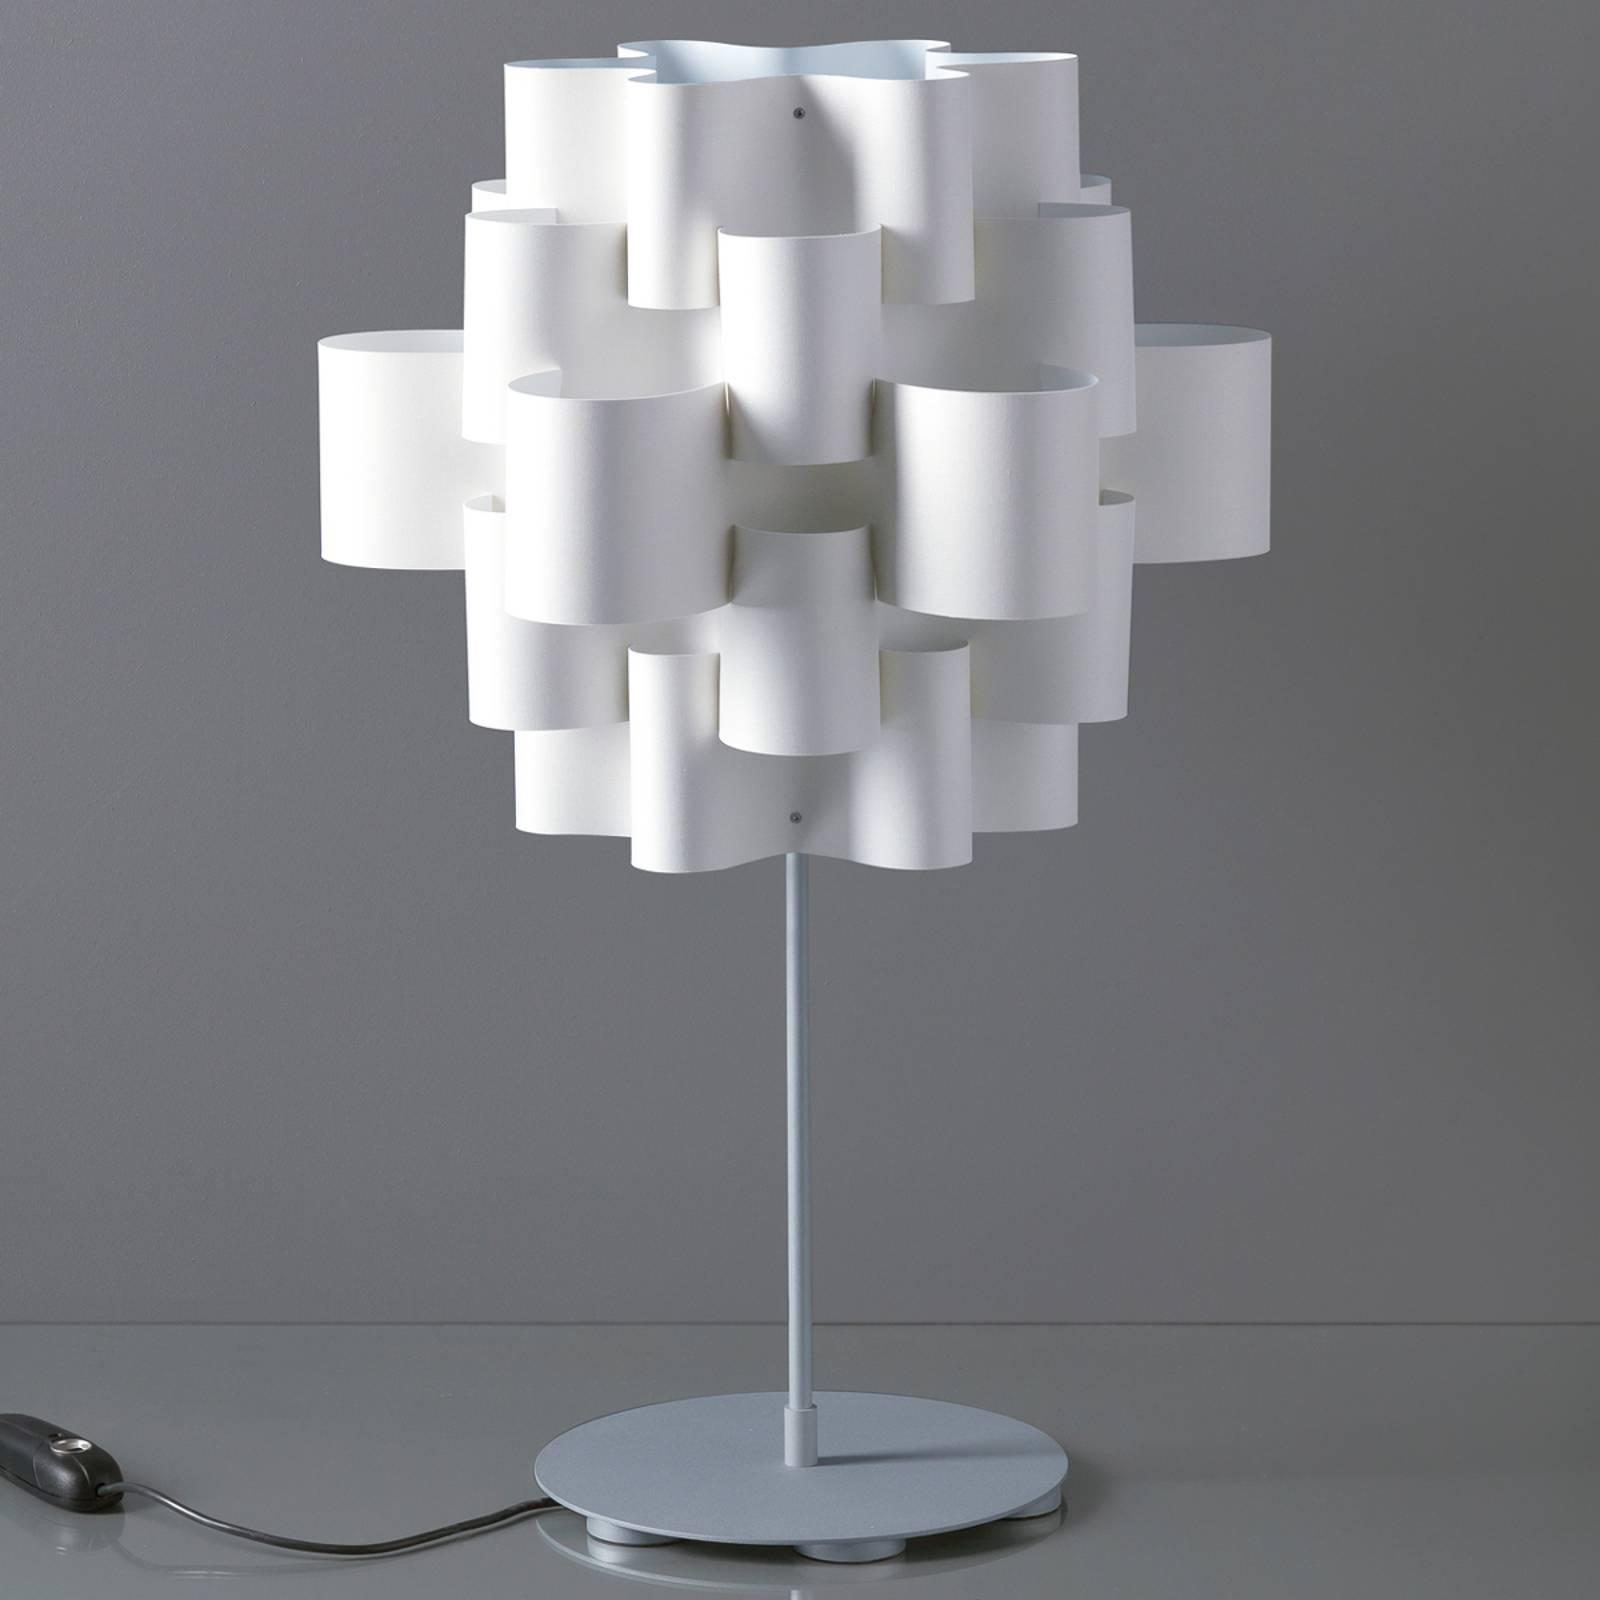 Design-pöytävalaisin Sun, valkoinen